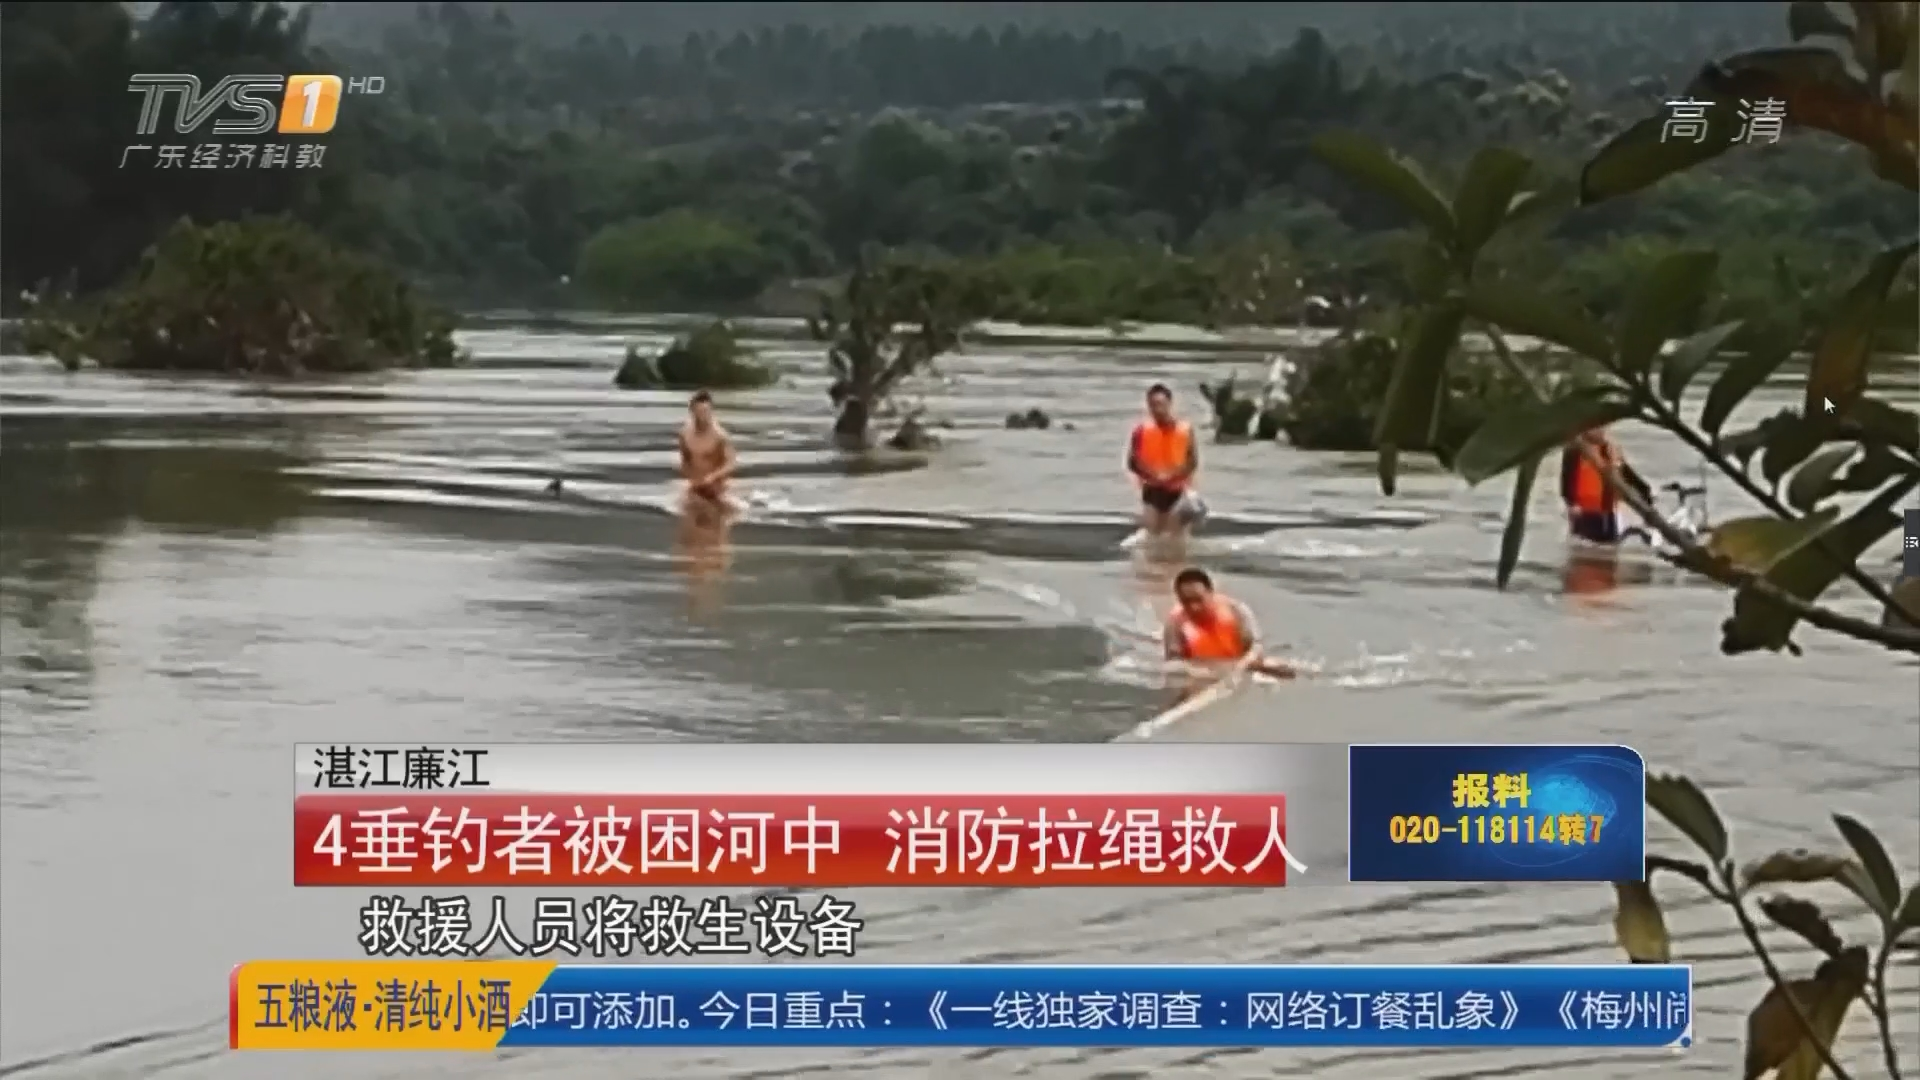 湛江廉江:4垂钓者被困河中 消防拉绳救人